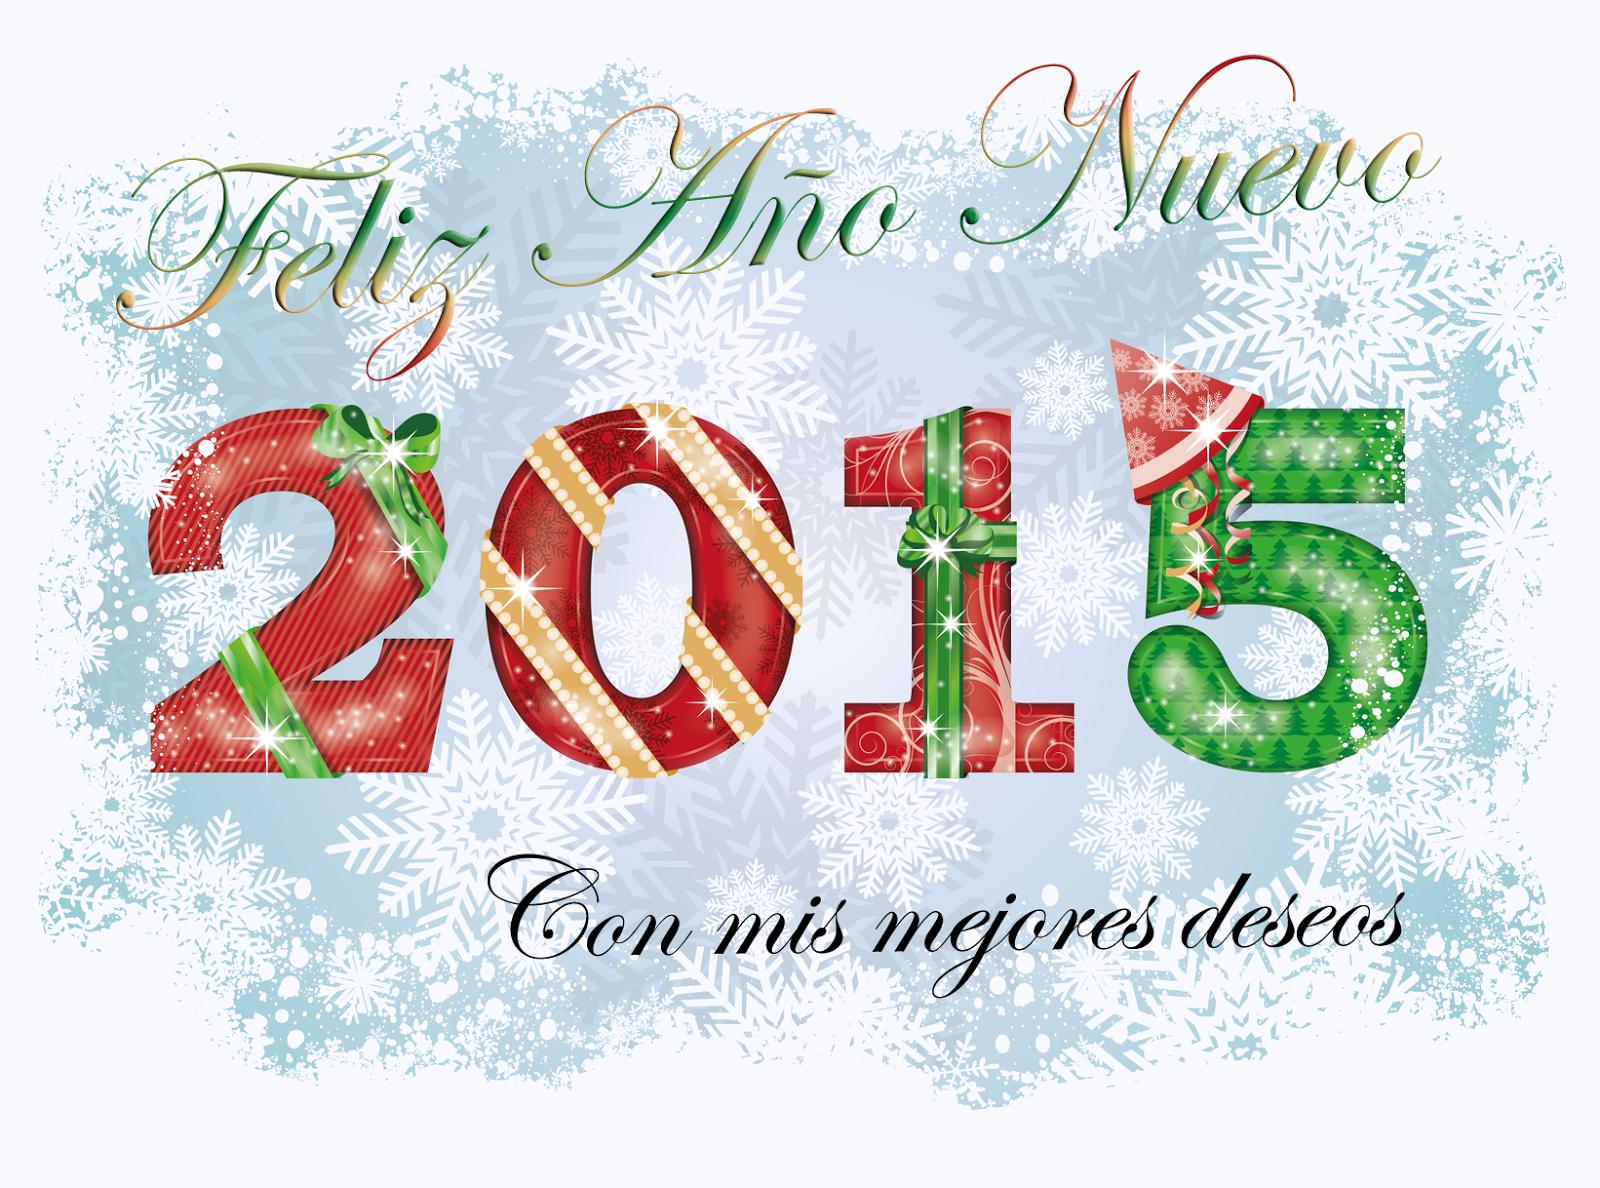 Imágenes para Facebook de Feliz Año 2015 Gratis